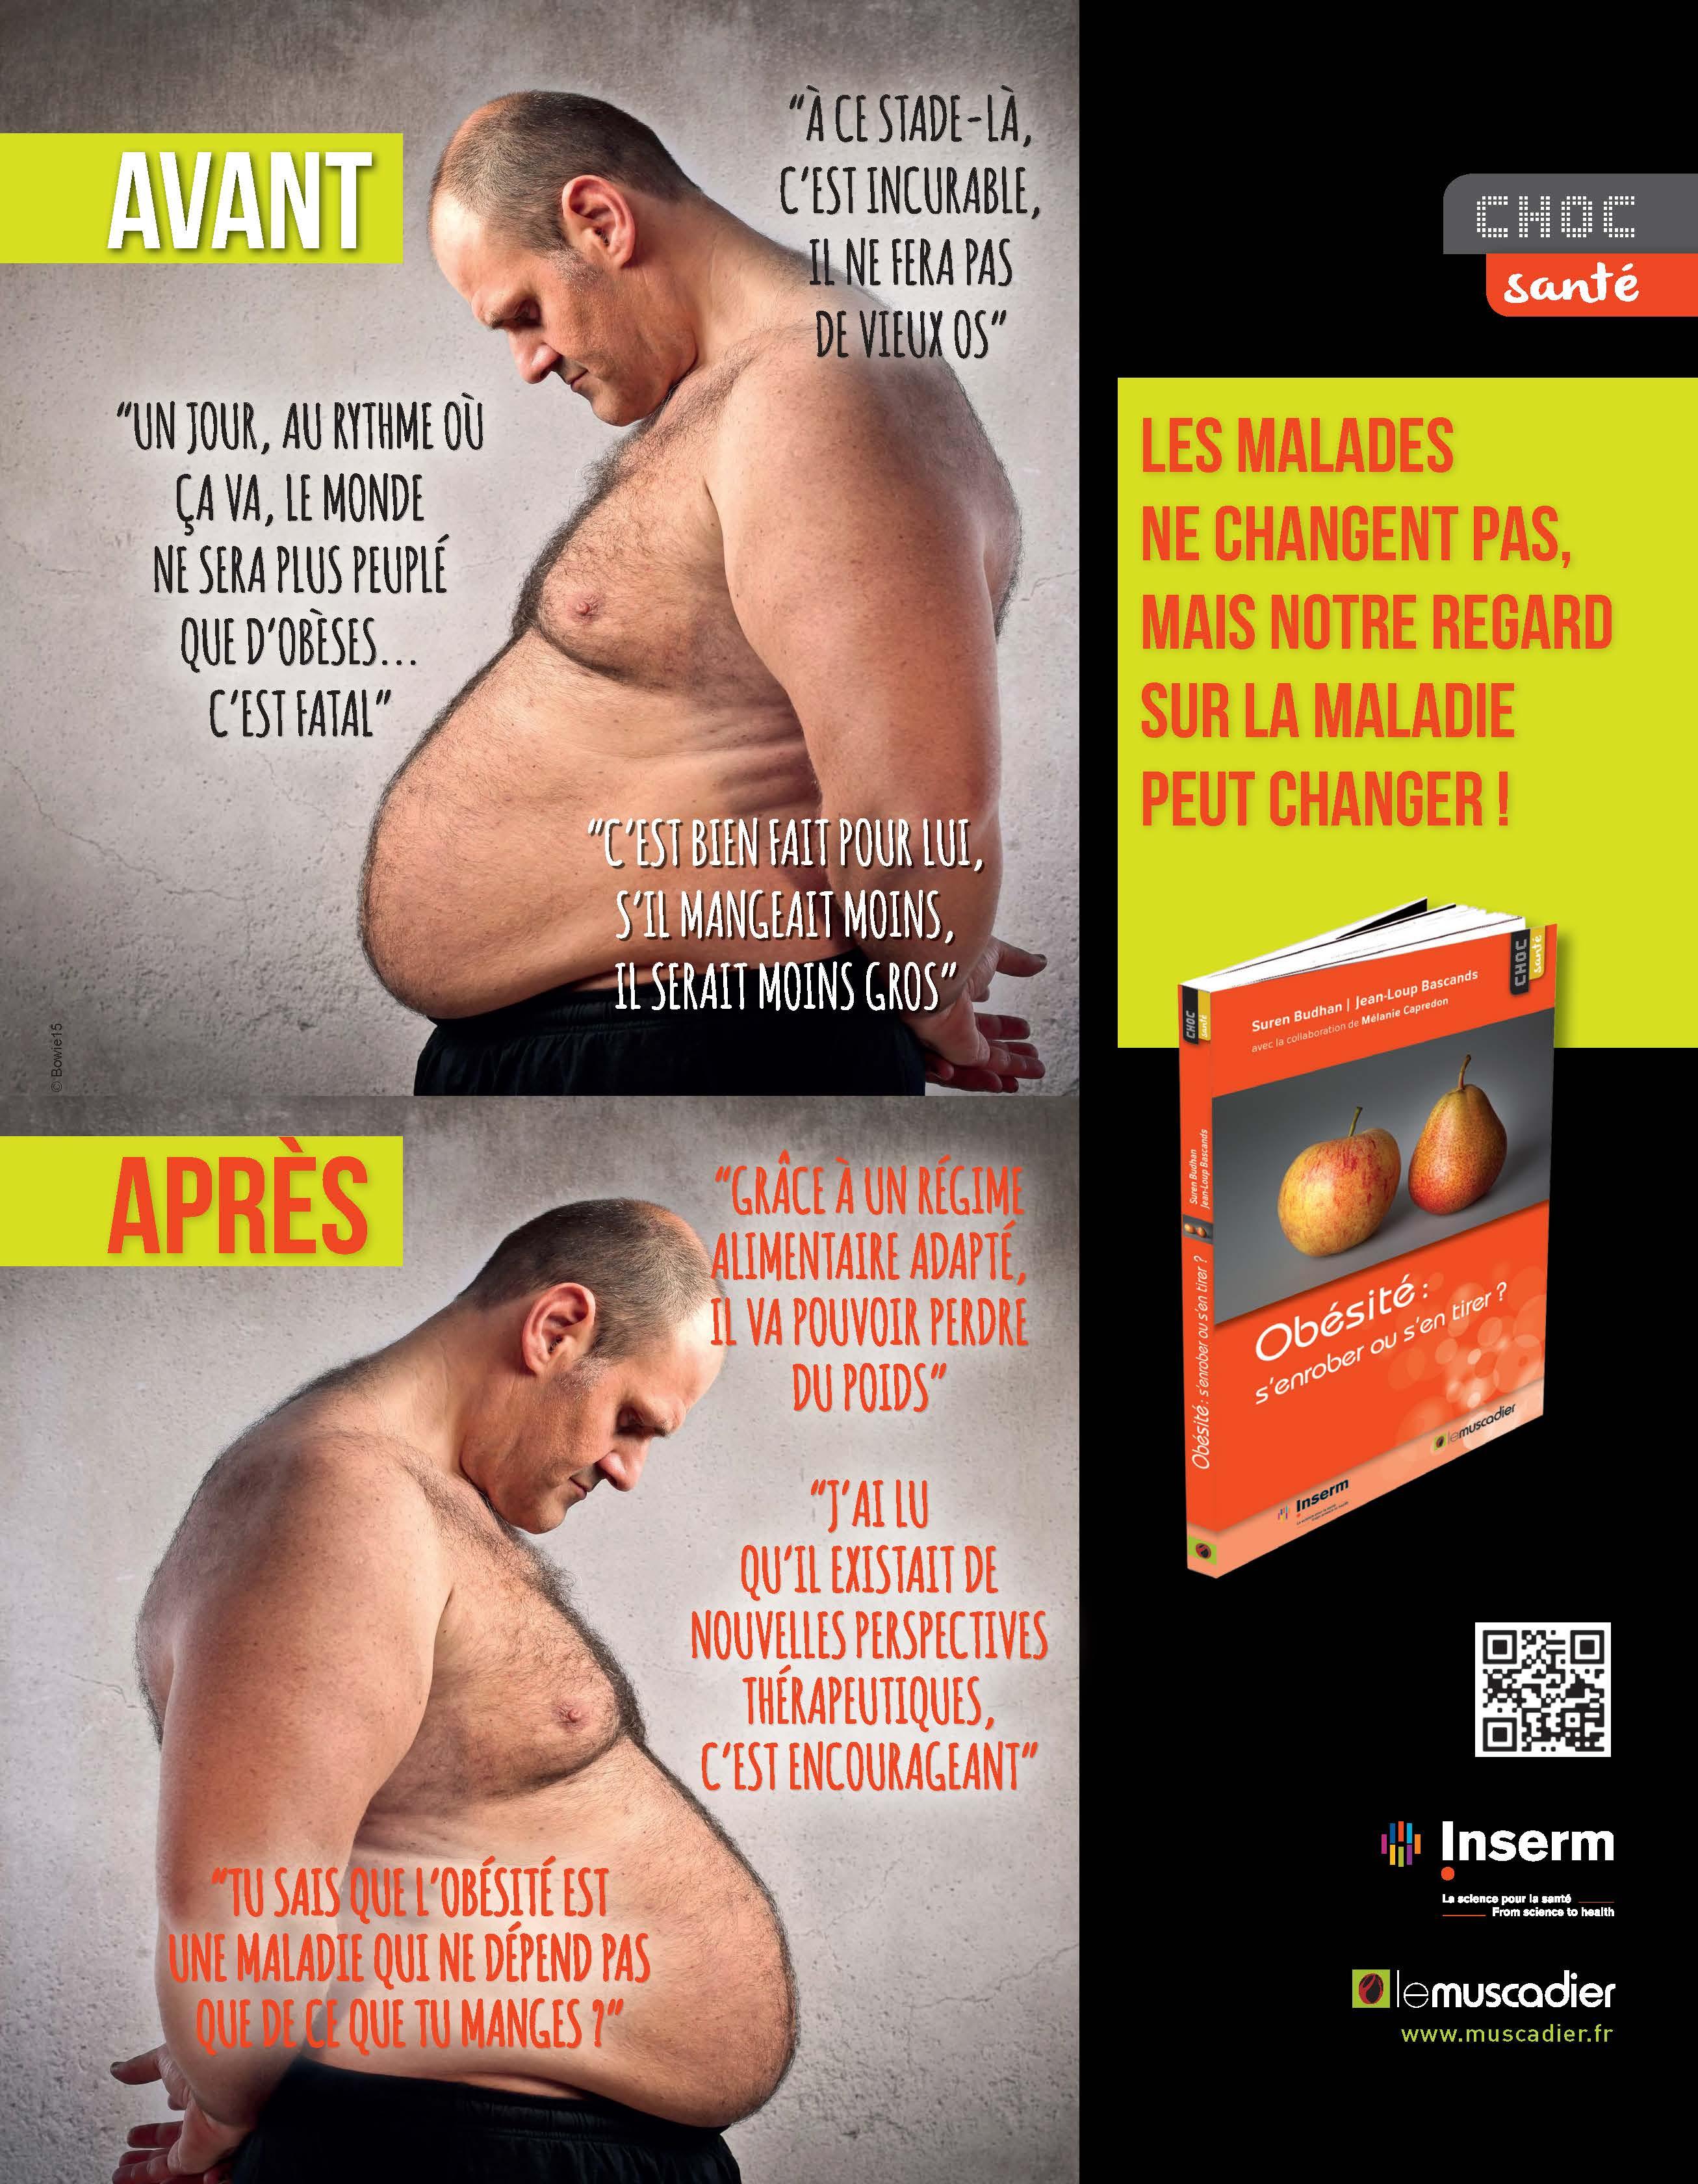 Visuel de communication collection Choc santé - Obésité